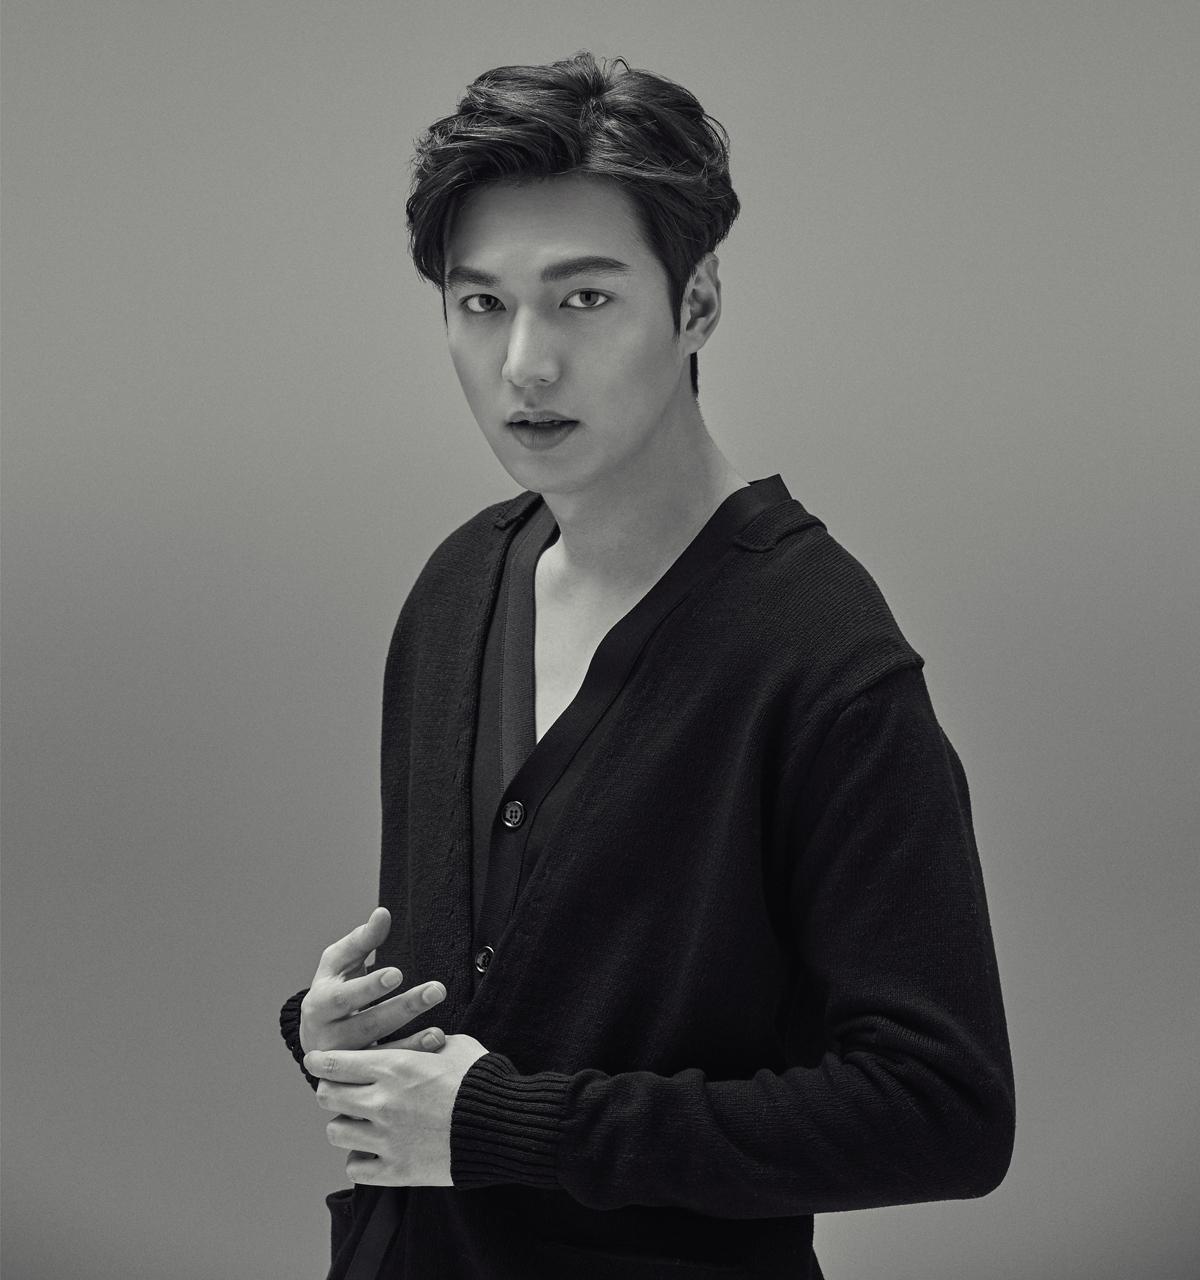 이민호 2017 국가브랜드 대상! '초특급 글로벌 파워'